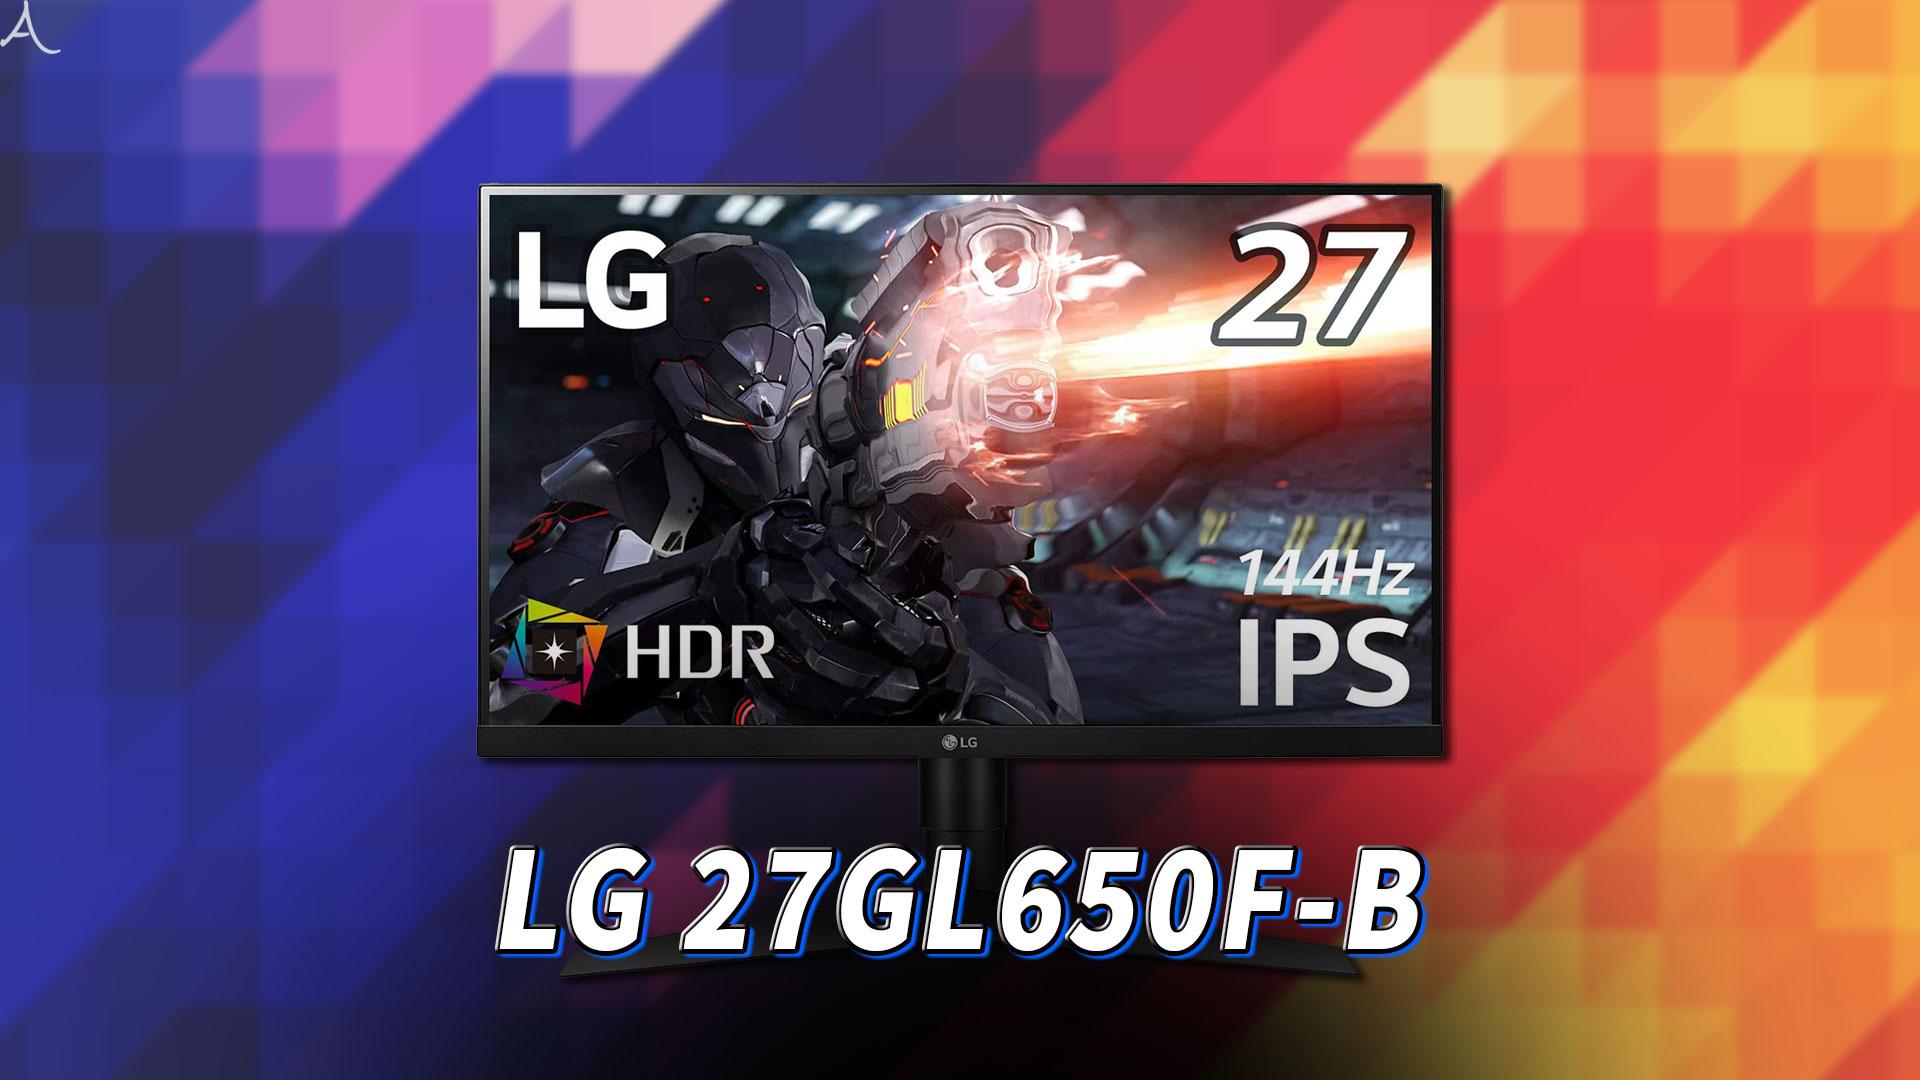 「LG 27GL650F-B」ってモニターアーム使えるの?VESAサイズやおすすめアームはどれ?